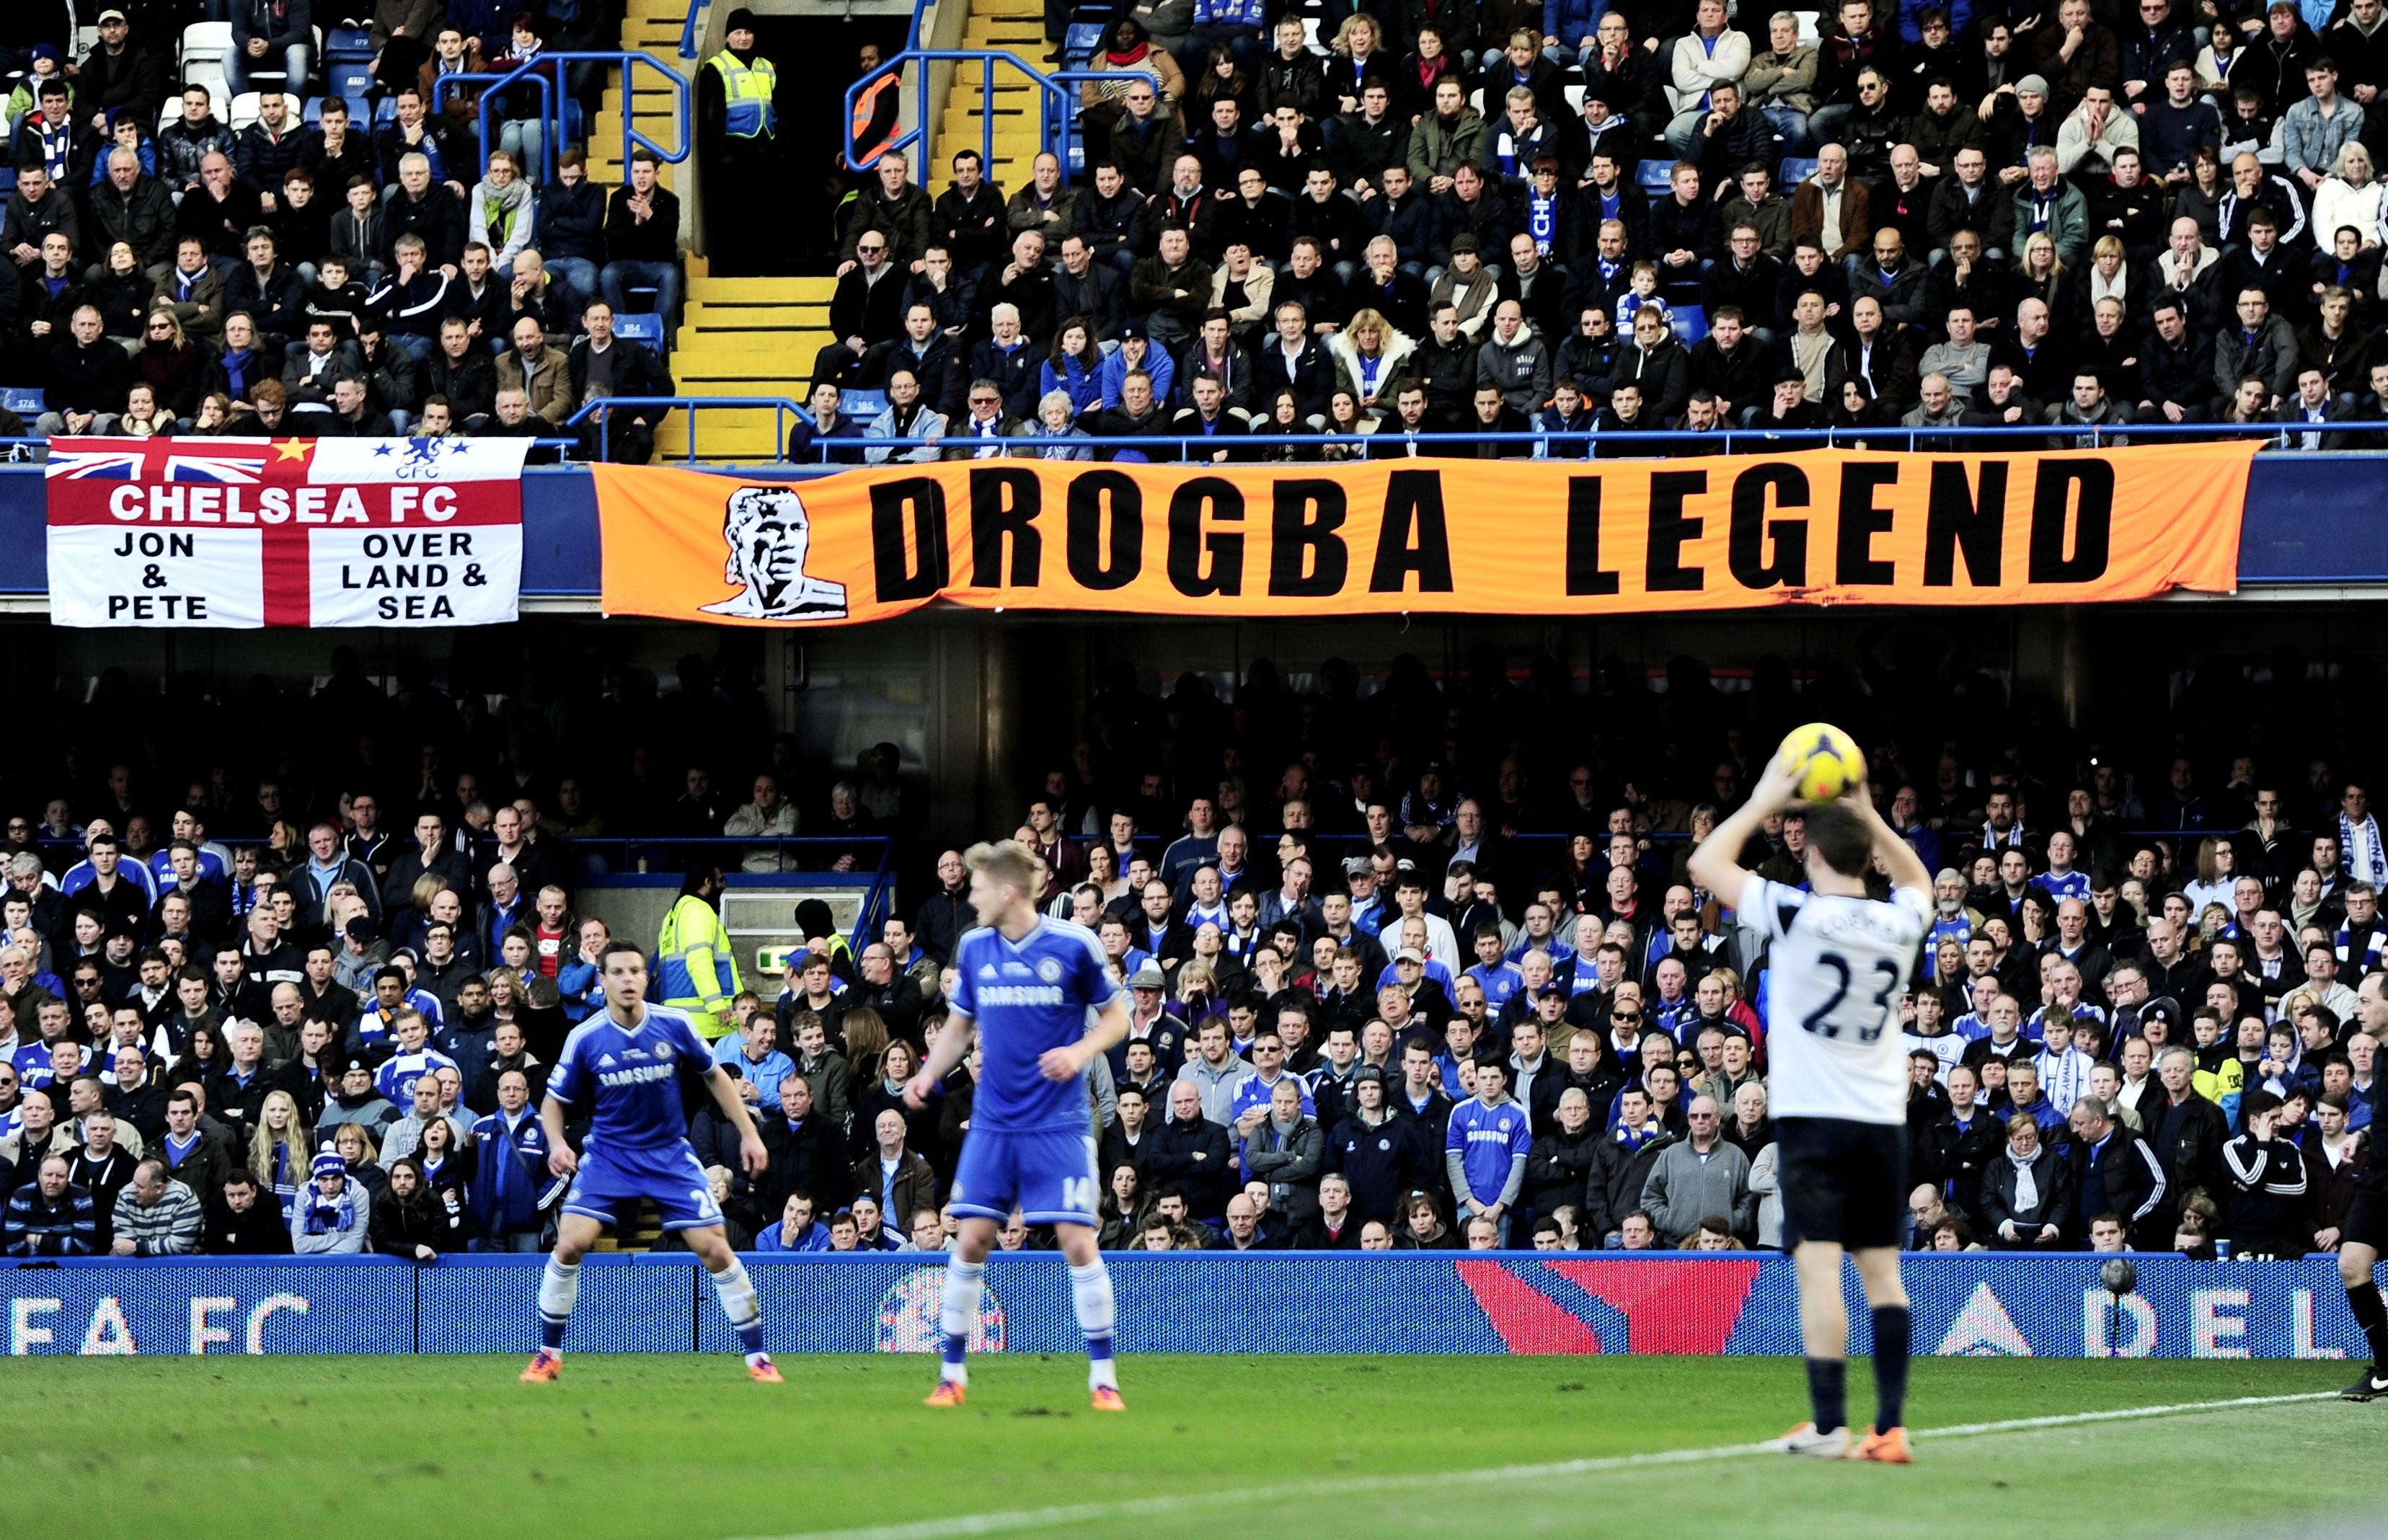 Chelsea legend named Balon D'or ambassador